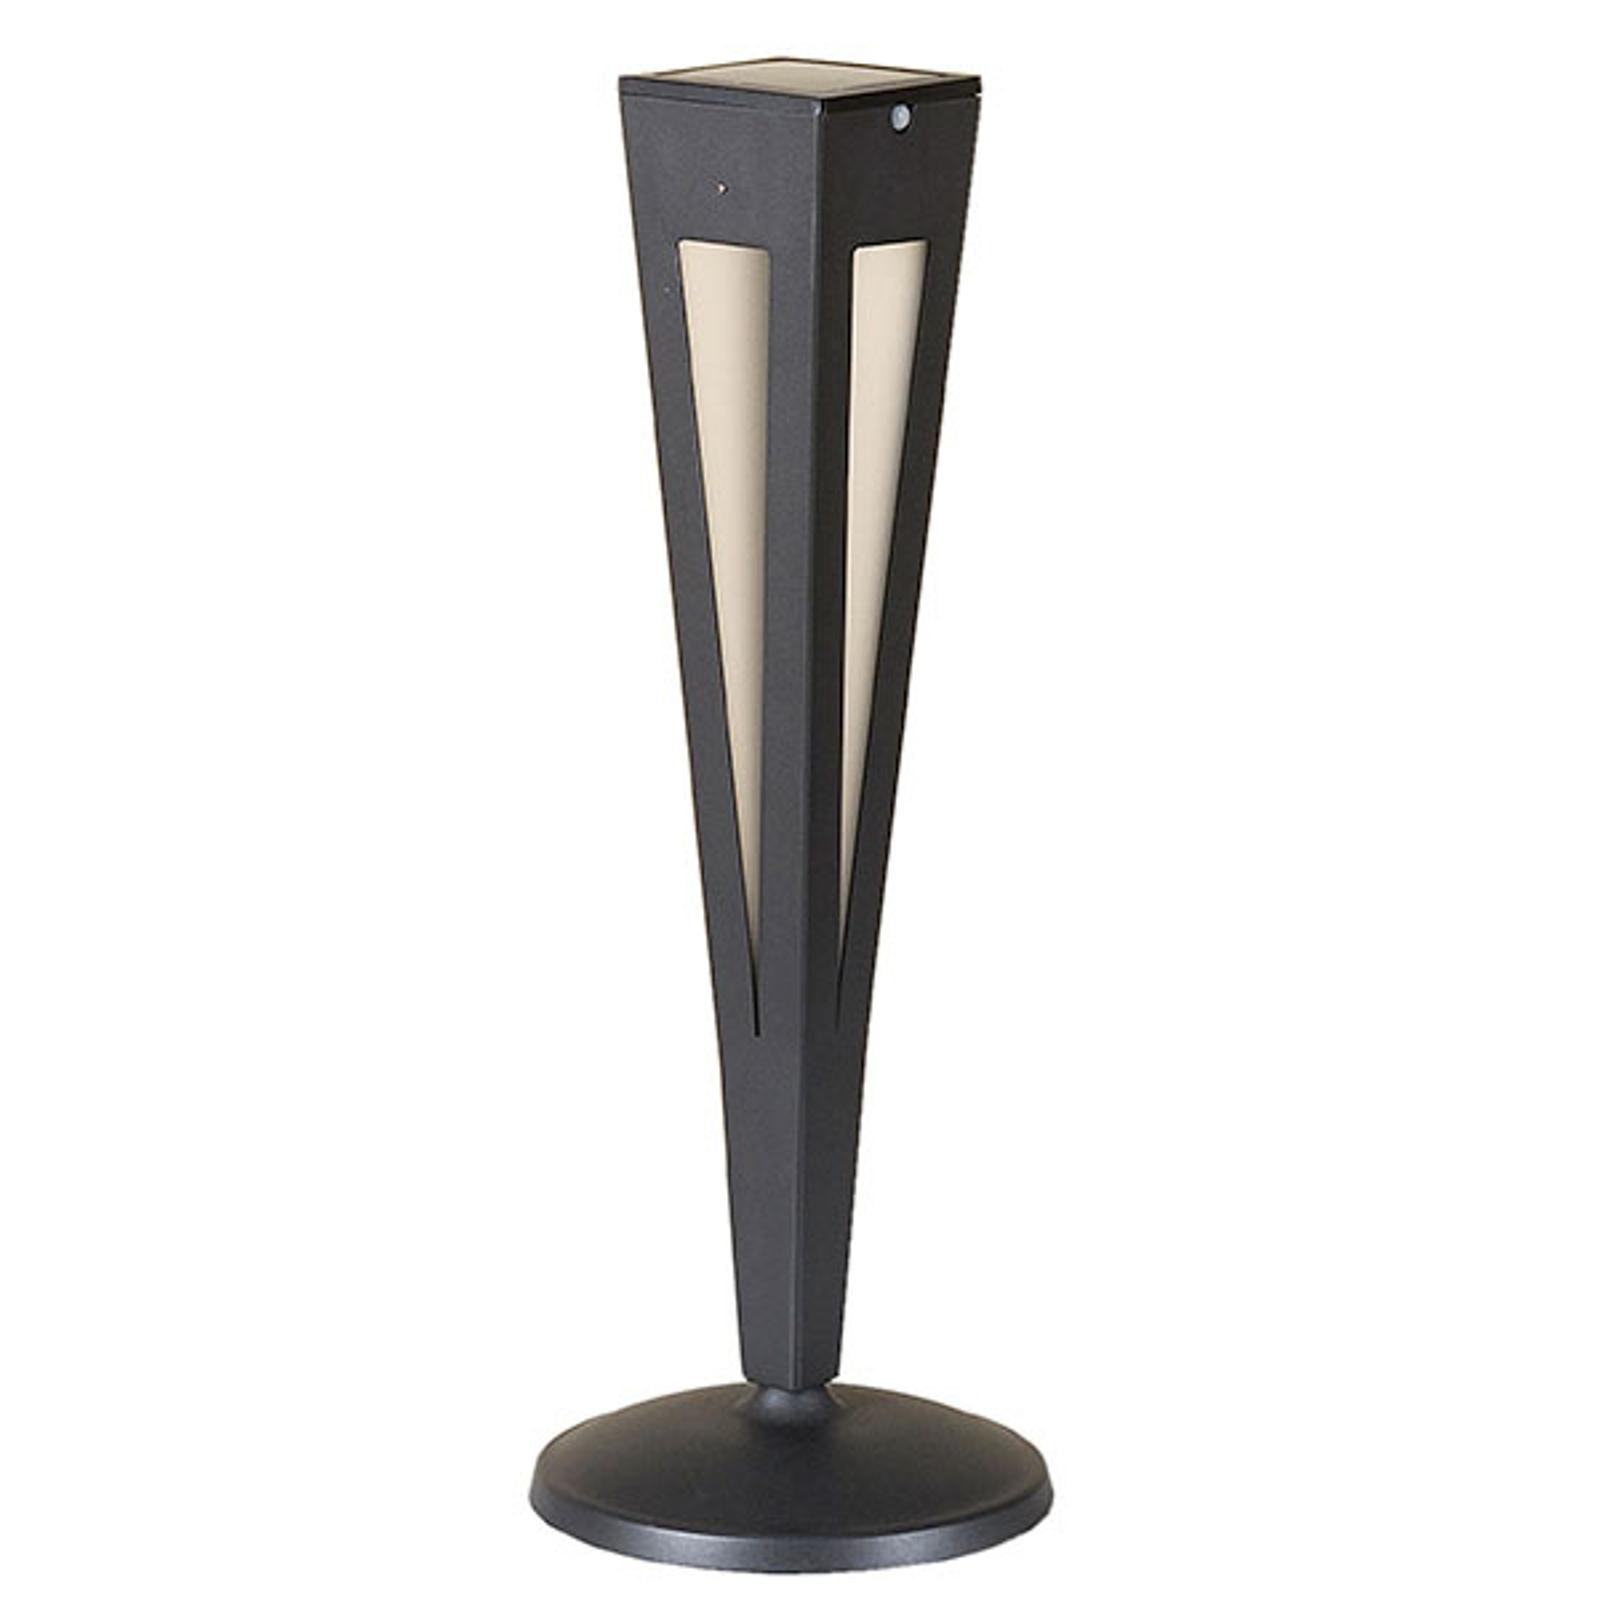 Aurinkokäyttöinen LED-soihtu Tinka, 62 cm, harmaa